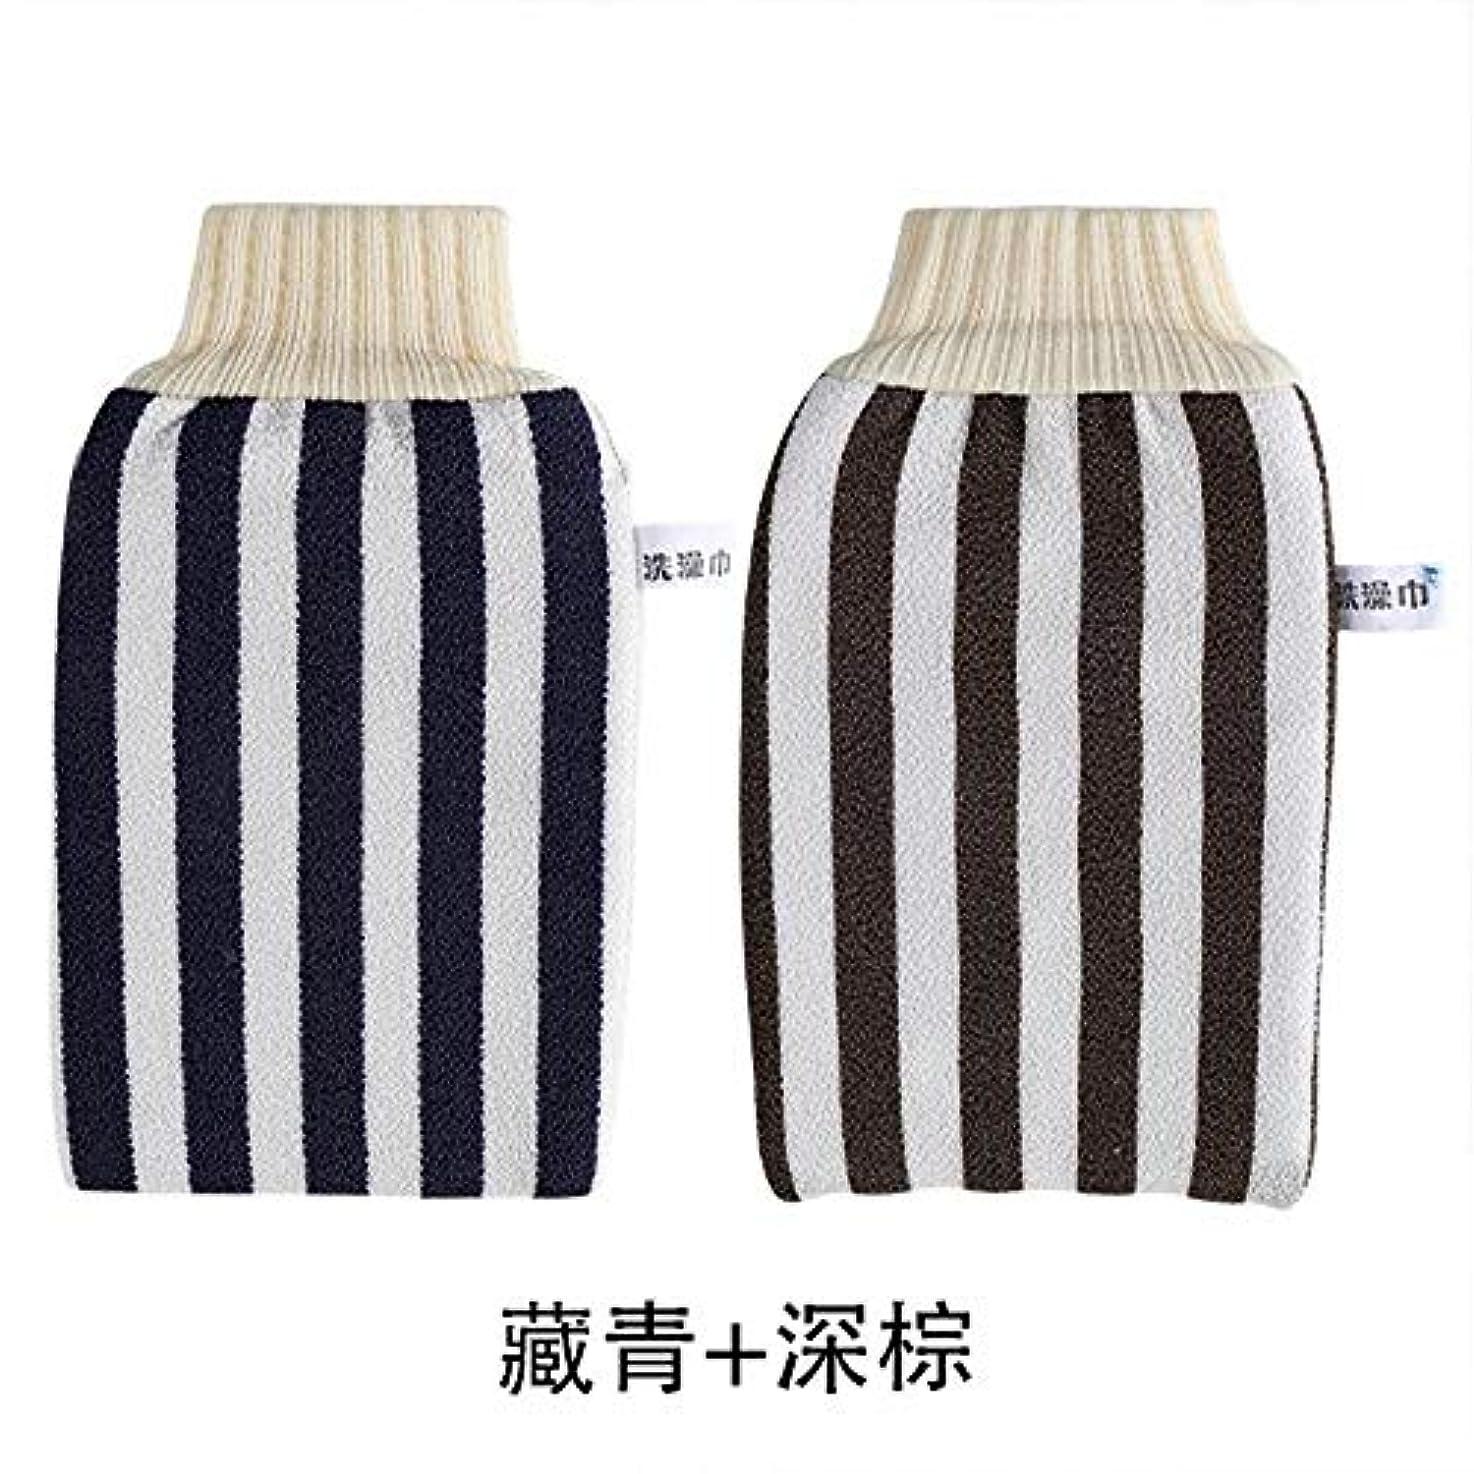 矢じり寛大なほこりBTXXYJP お風呂用手袋 シャワー手袋 あかすり ボディブラシ ボディタオル やわらか 角質除去 (Color : Navy+brown)